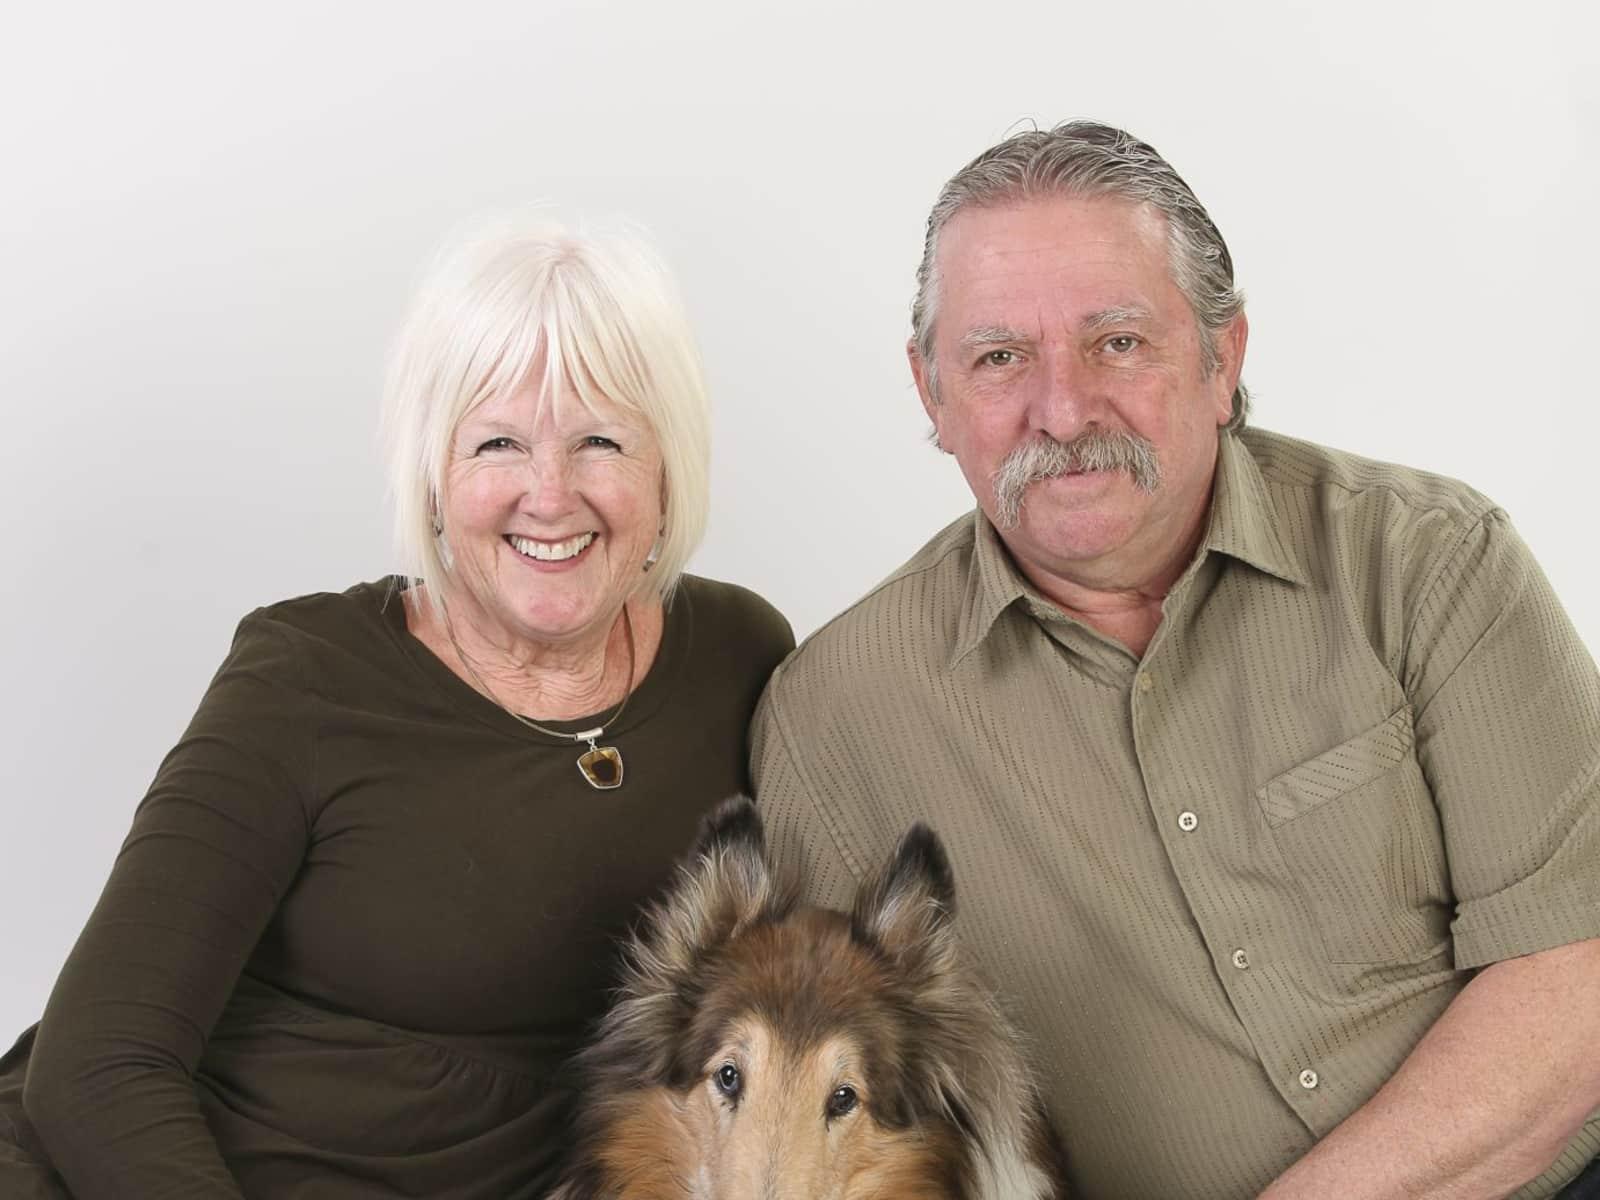 Greg & debbie & Debbie from Edmonton, Alberta, Canada